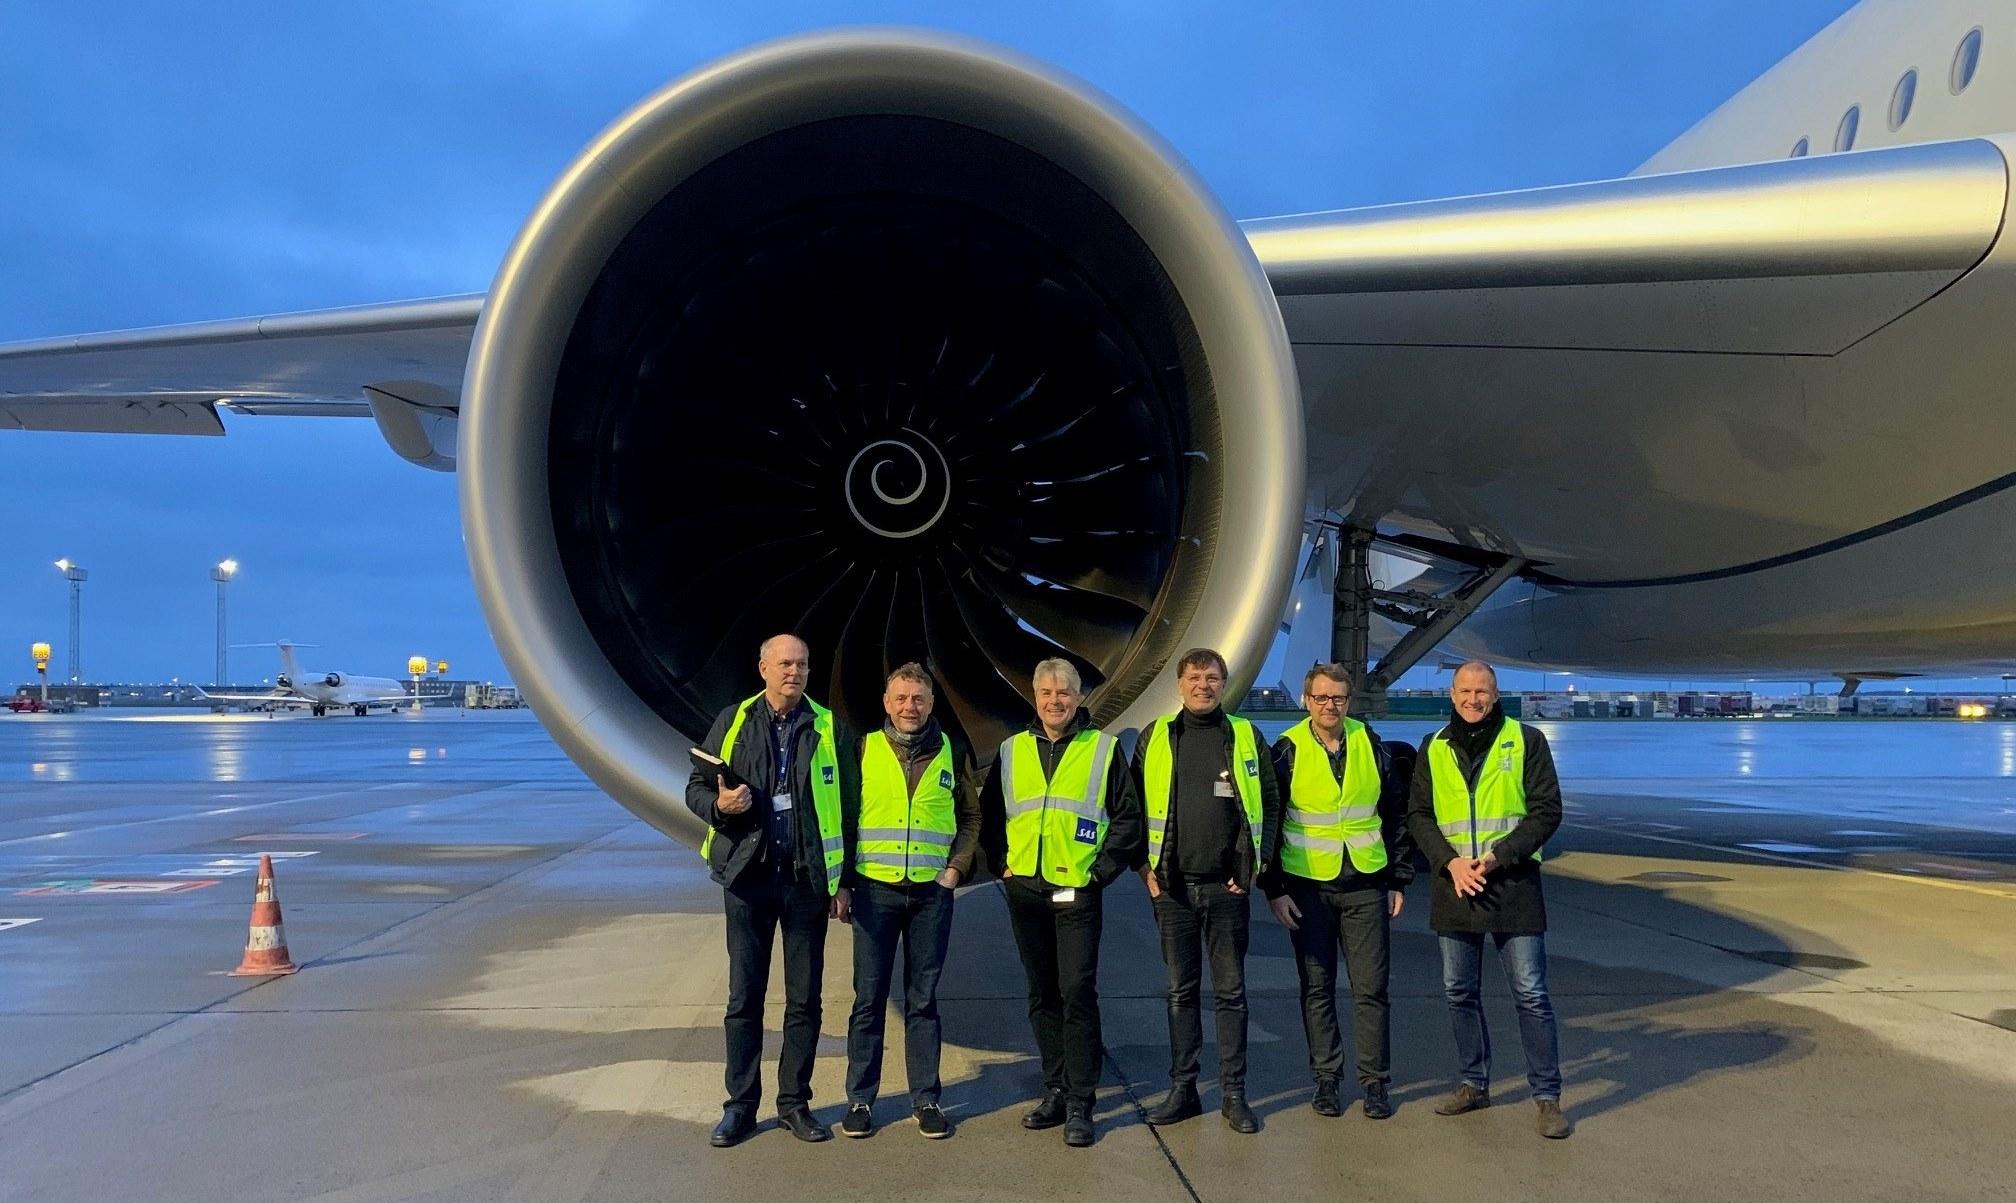 Et nyt hold piloter inden træningsflyvningen til Billund. (Privatfoto)